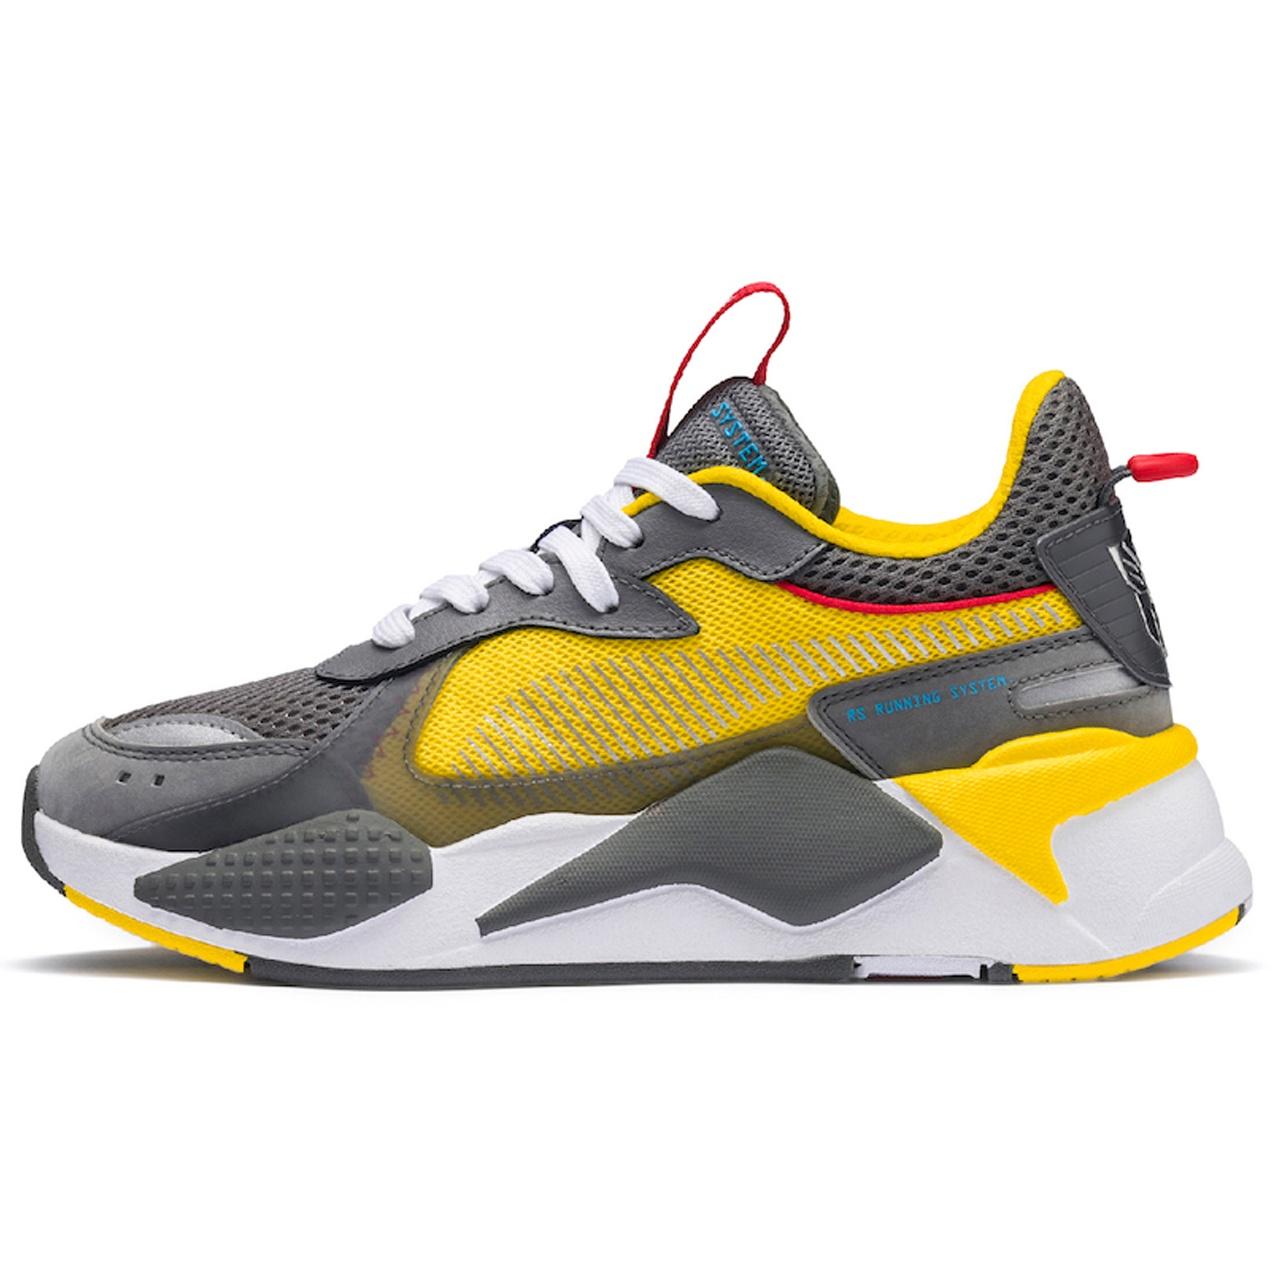 کفش مخصوص دویدن زنانه پوما مدل RS-X  کد M990XG4